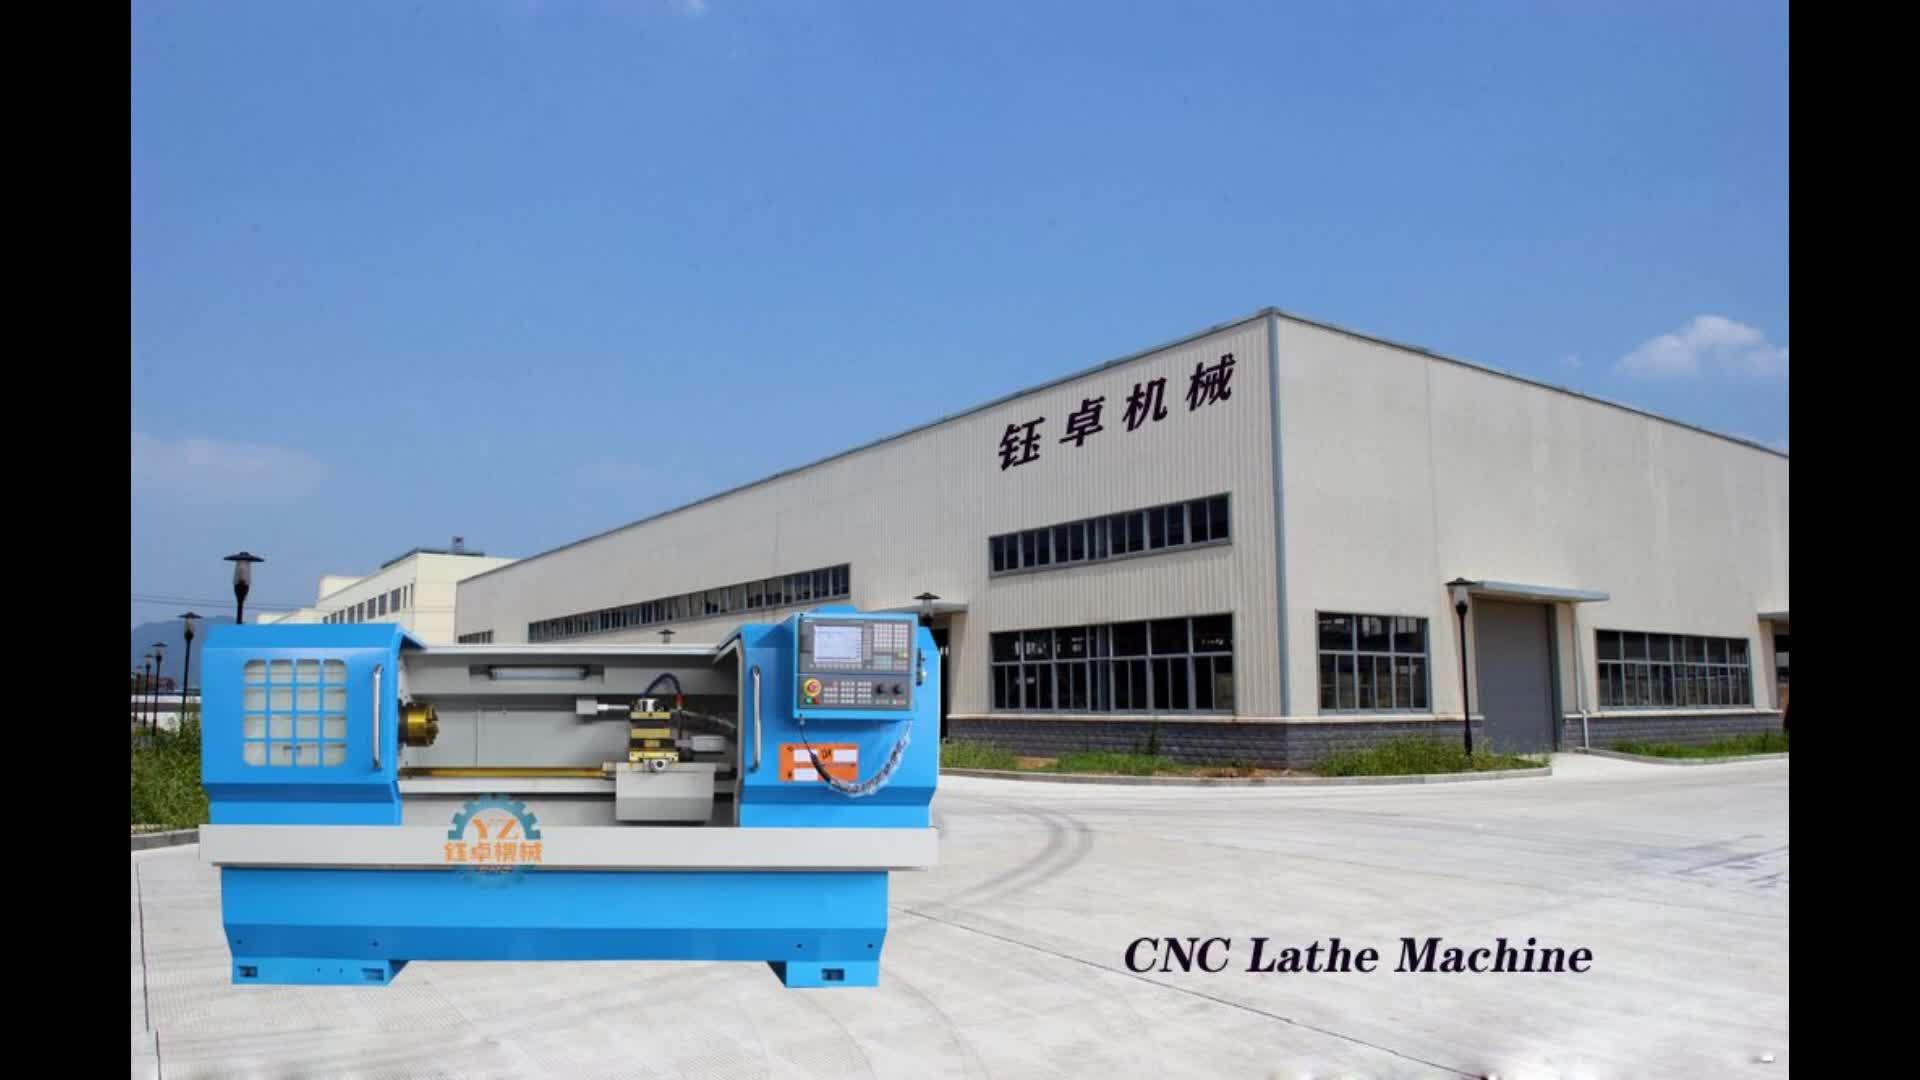 CK6180 भारी शुल्क सीएनसी खराद सीएनसी धातु खराद मशीन